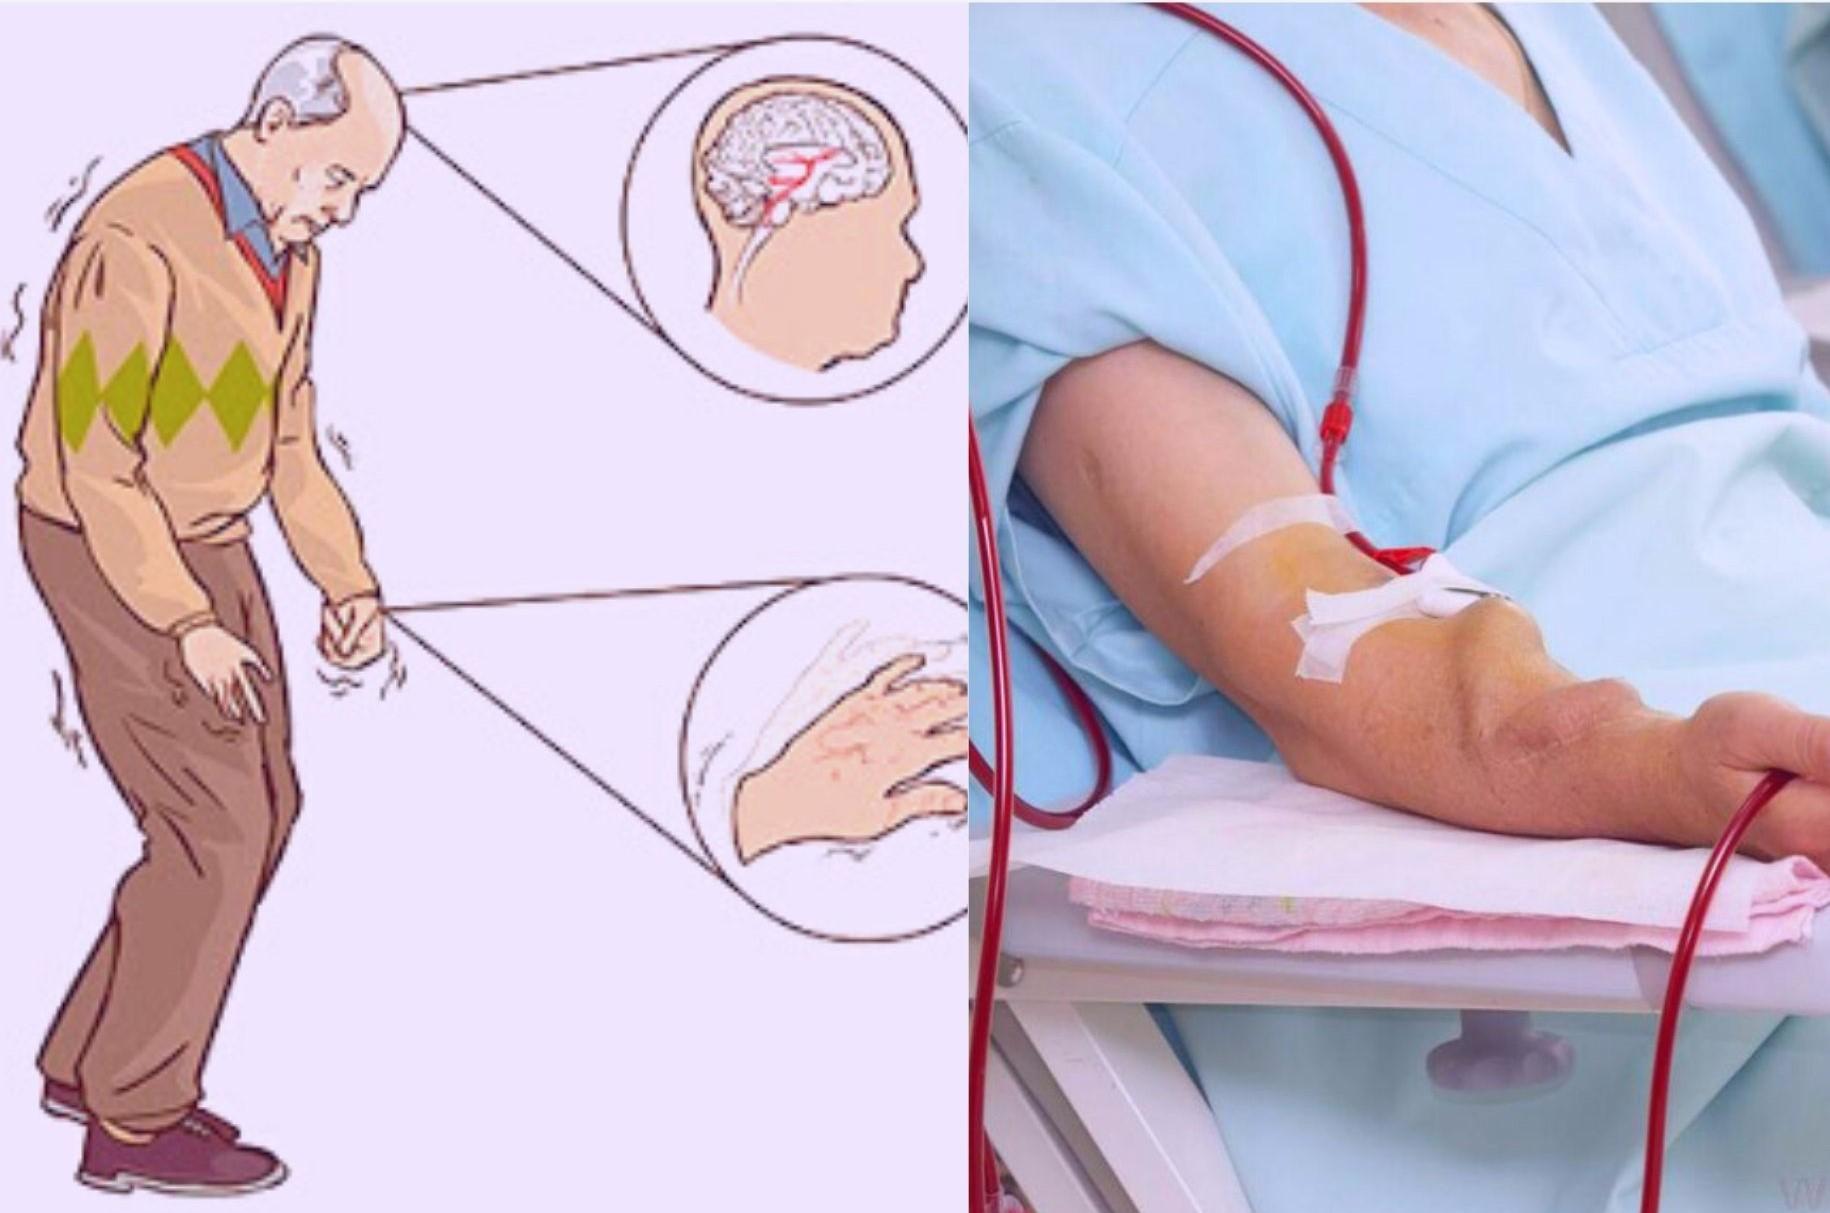 vitamin K2 có thể phá hủy tác động của một trong những khiếm khuyết di truyền dẫn đến bệnh Parkinson.nồng độ MGP không hoạt động có thể giảm rõ rệt bệnh thận mãn tính.